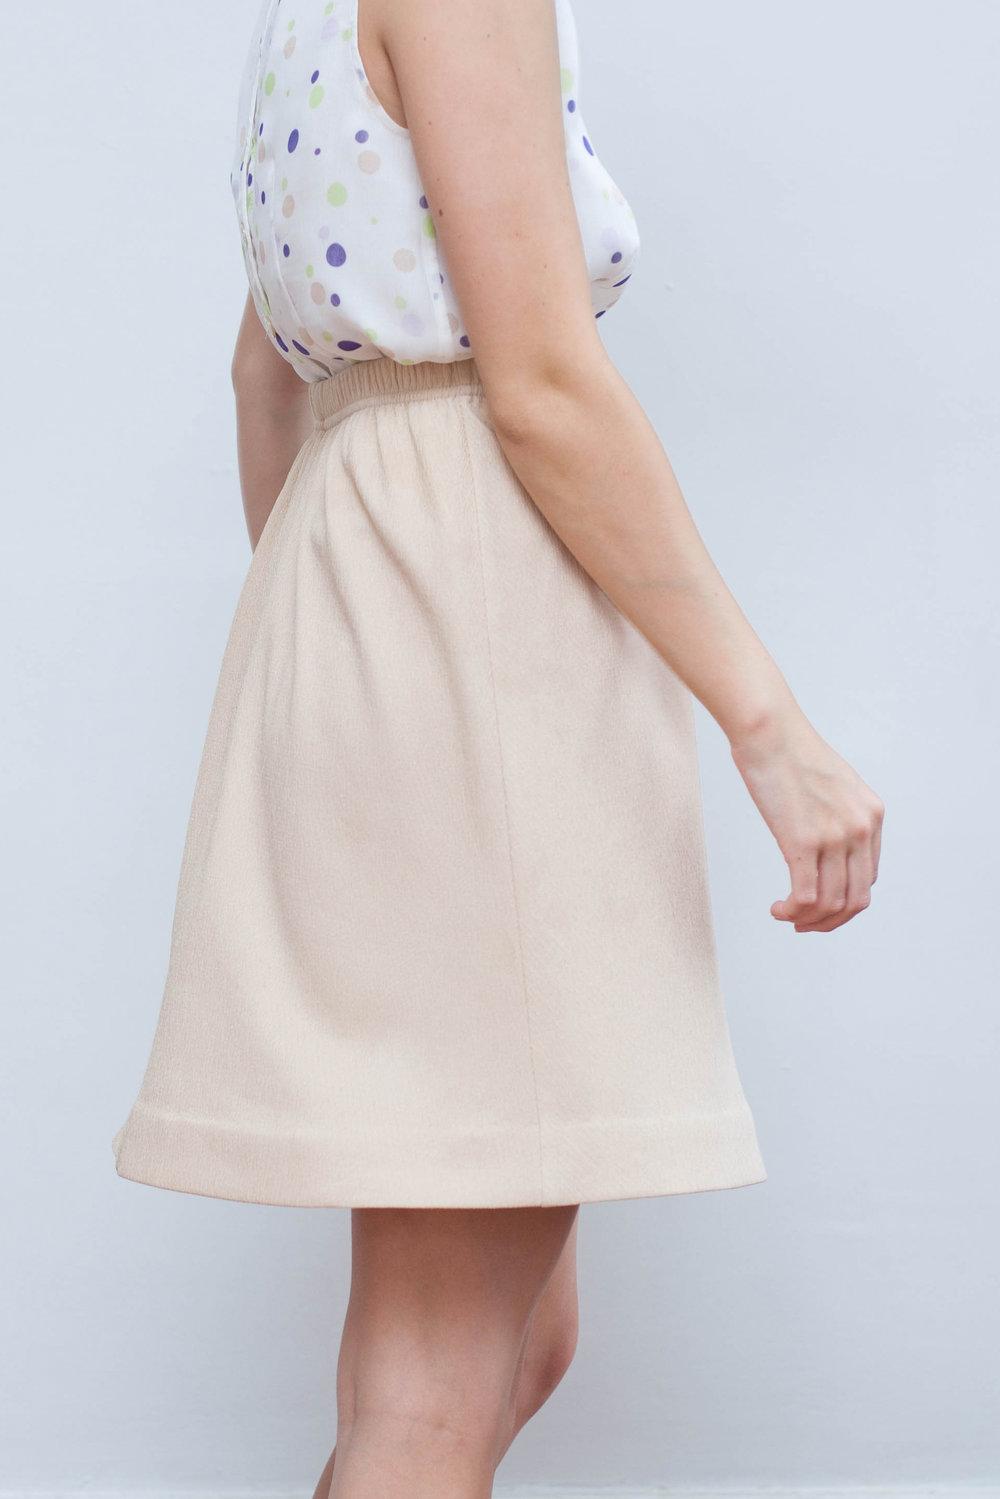 Skirt_1.jpg